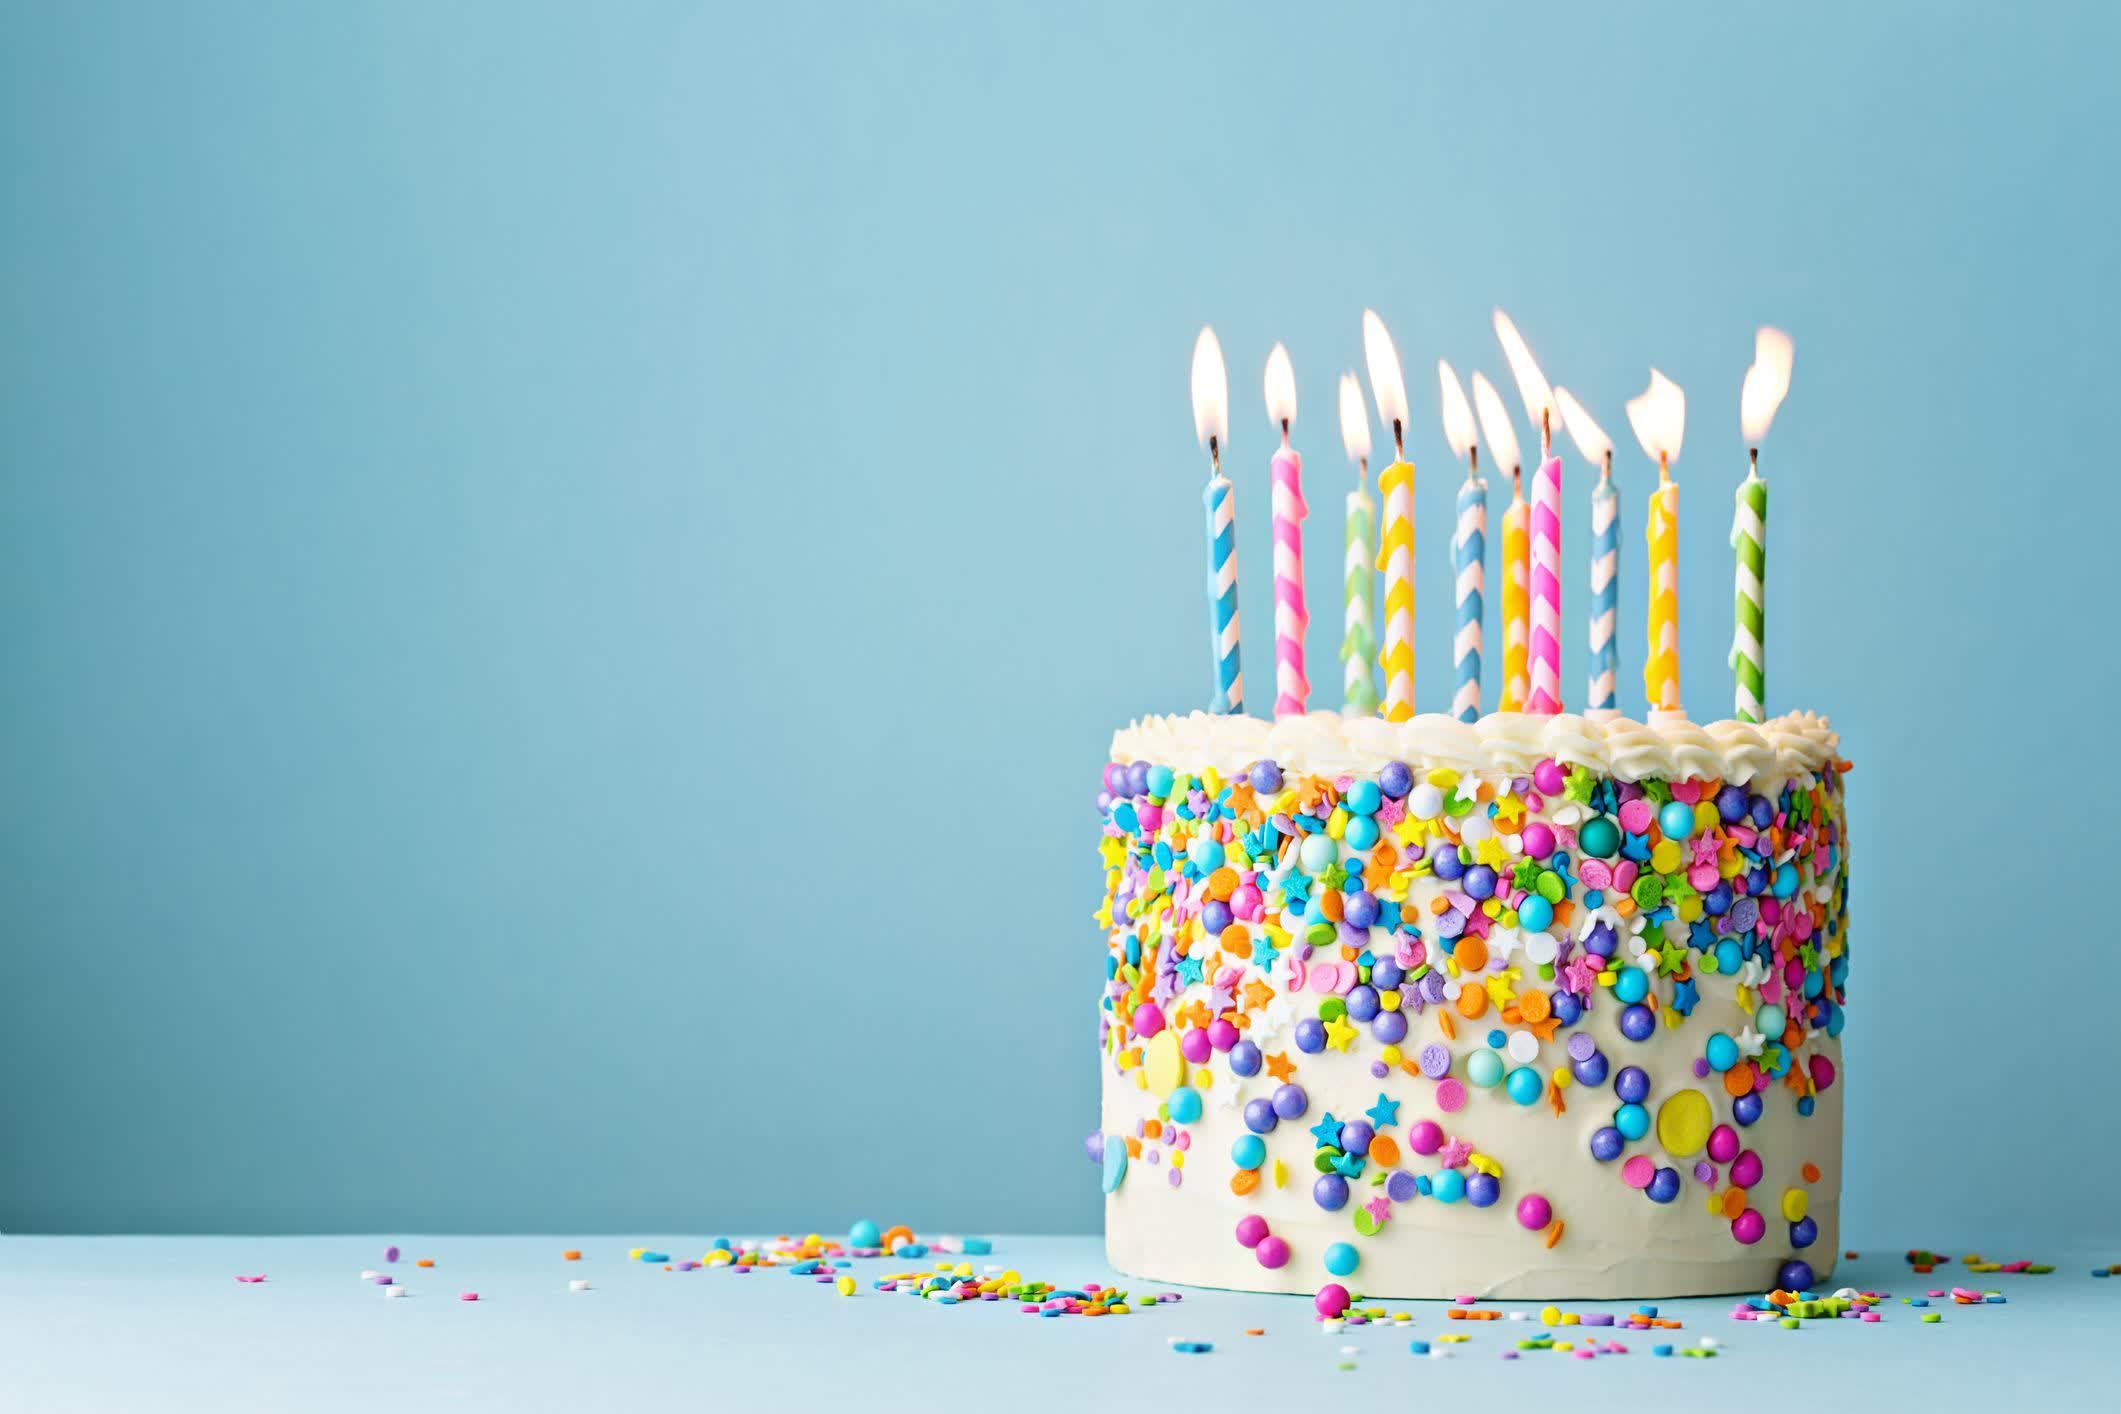 Instagram vous demandera bientot de partager votre anniversaire par securite